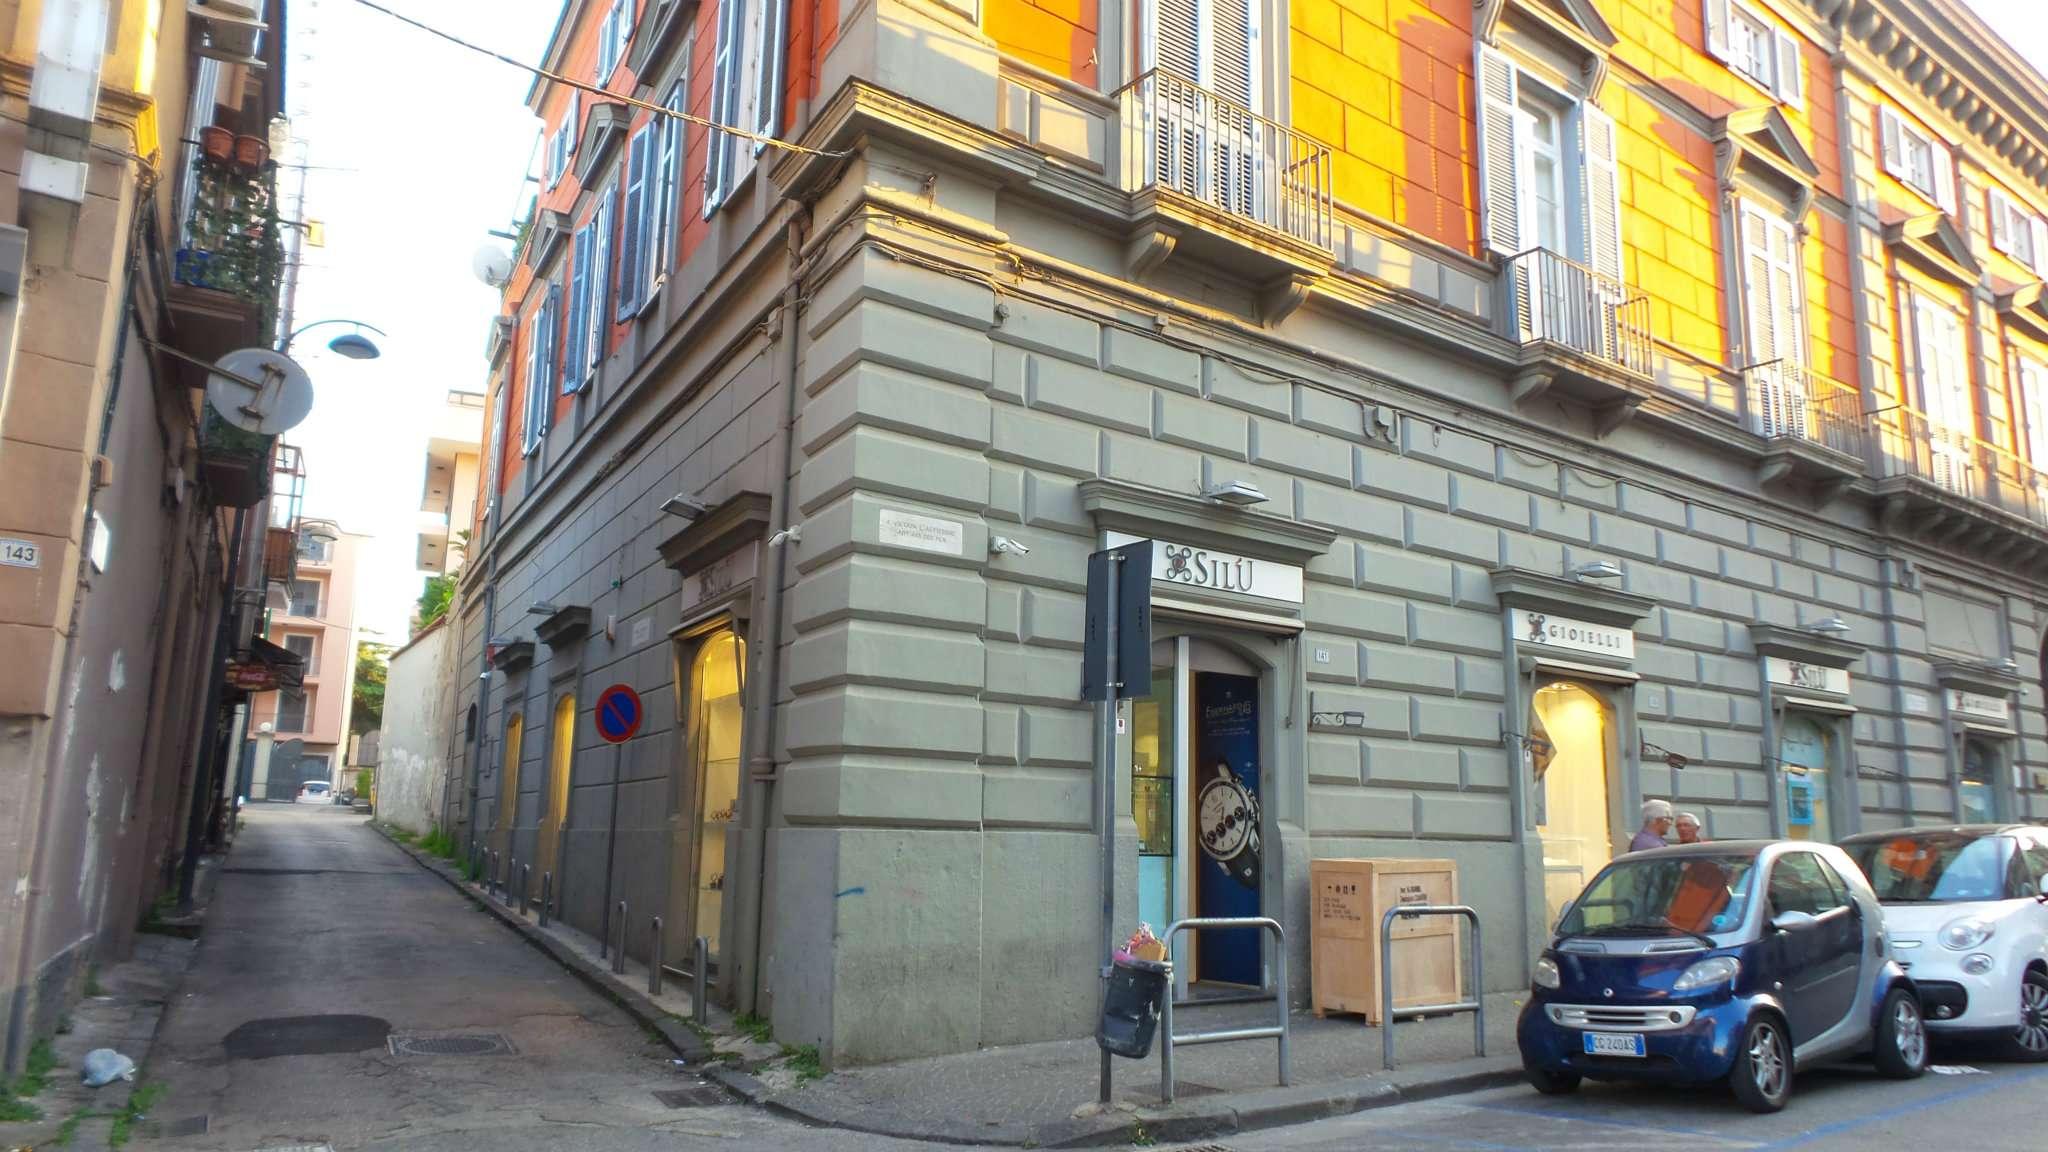 Palazzo / Stabile in vendita a Frattamaggiore, 6 locali, prezzo € 260.000 | CambioCasa.it